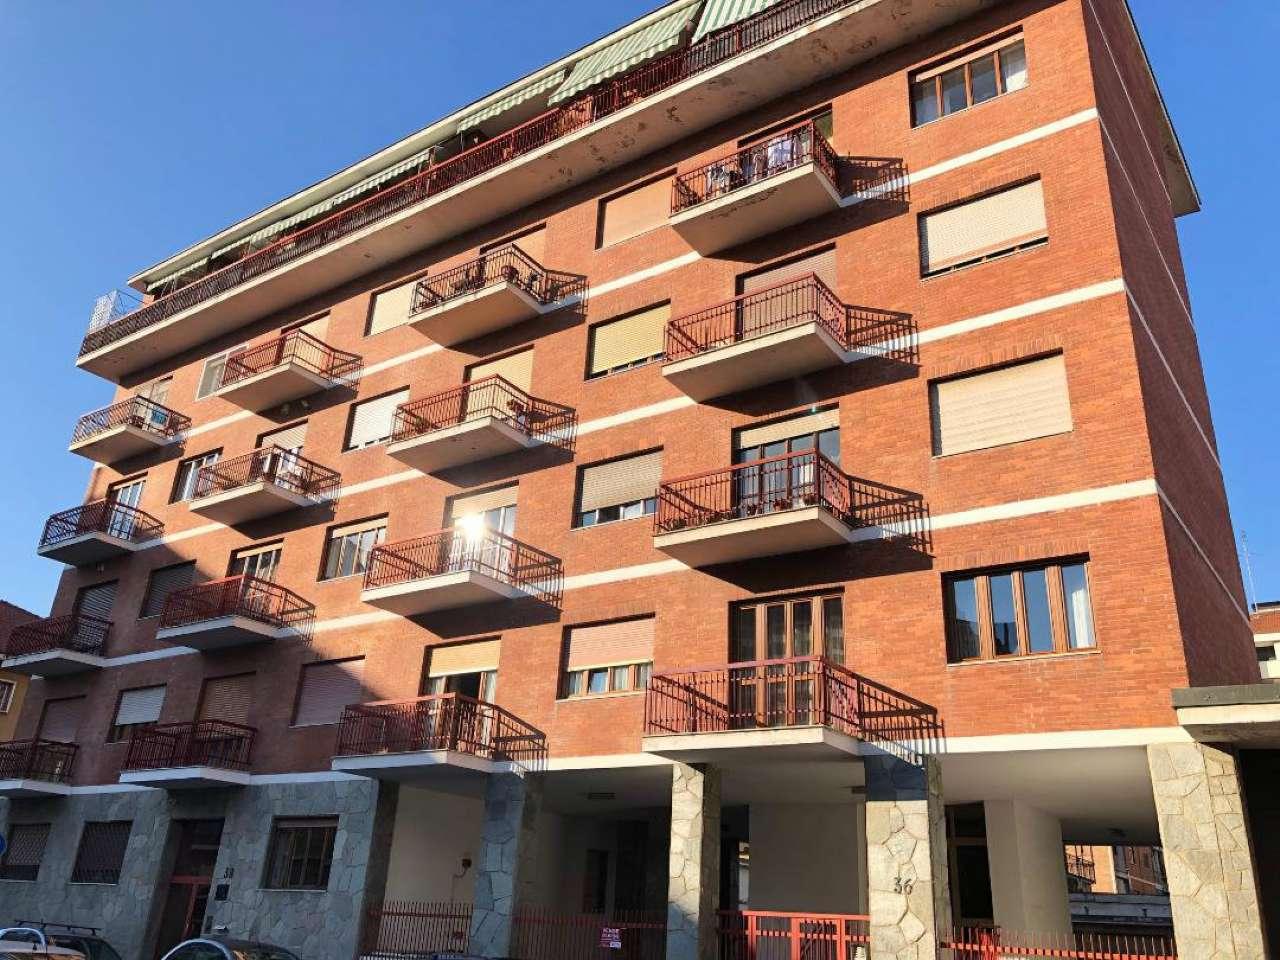 Appartamento in vendita Zona Lucento, Vallette - via brusa  36 Torino